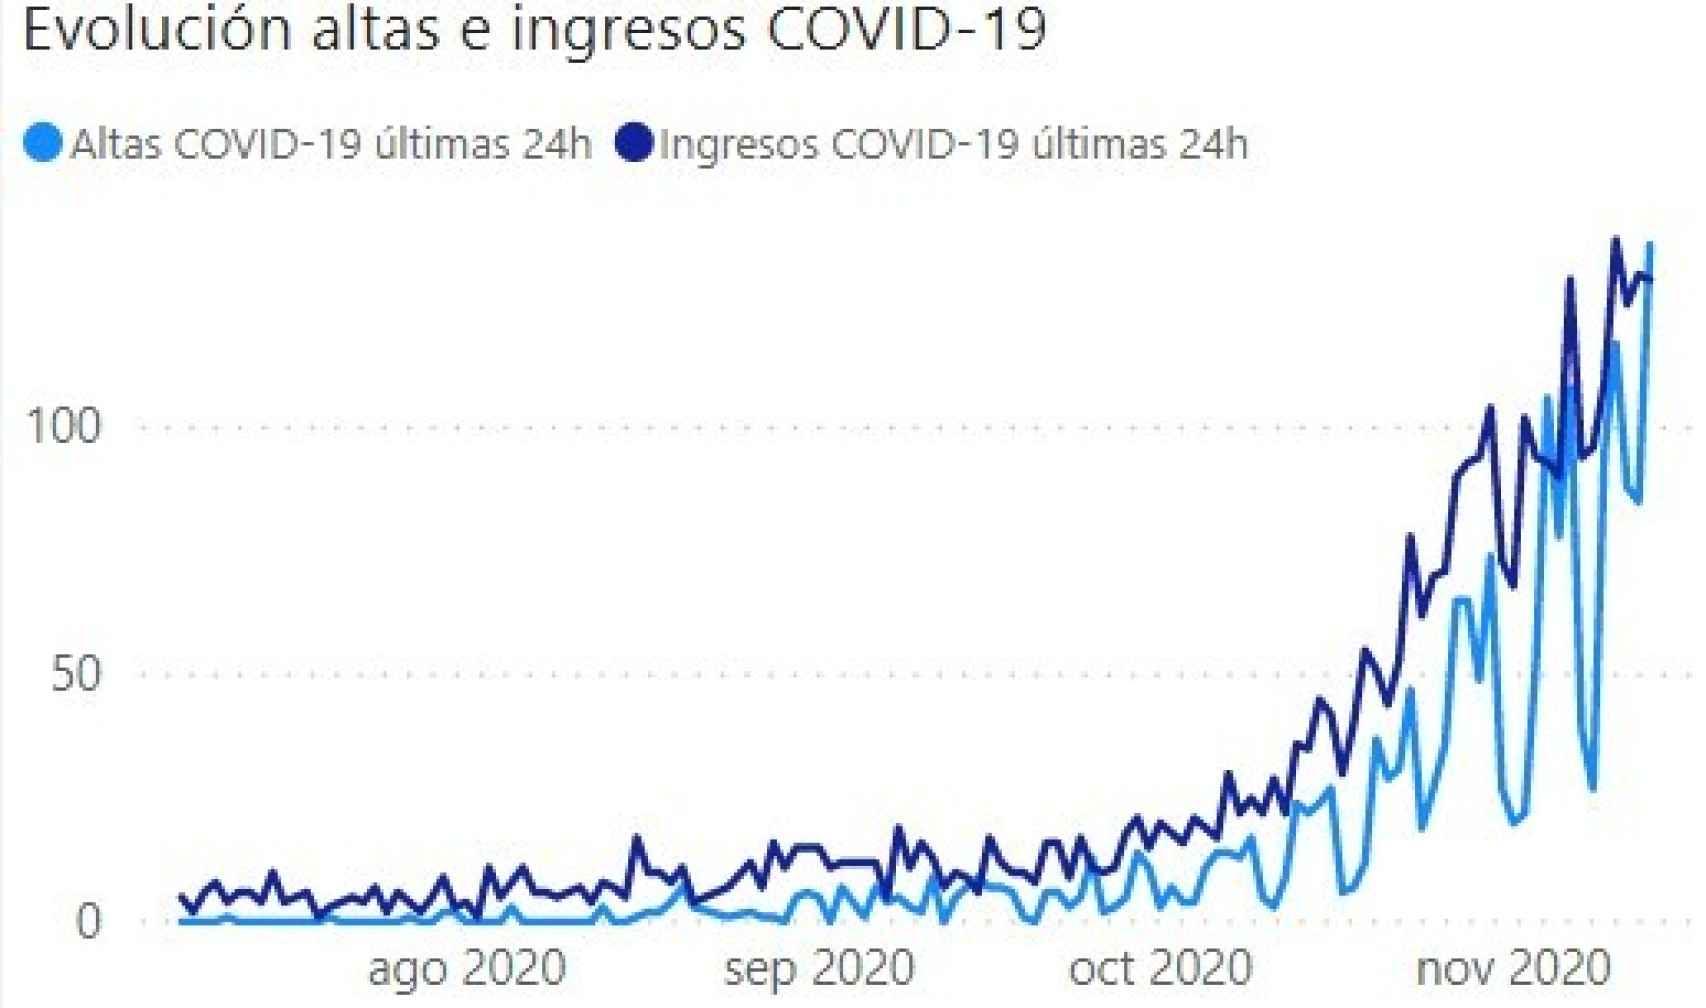 Covid fechas en Asturias